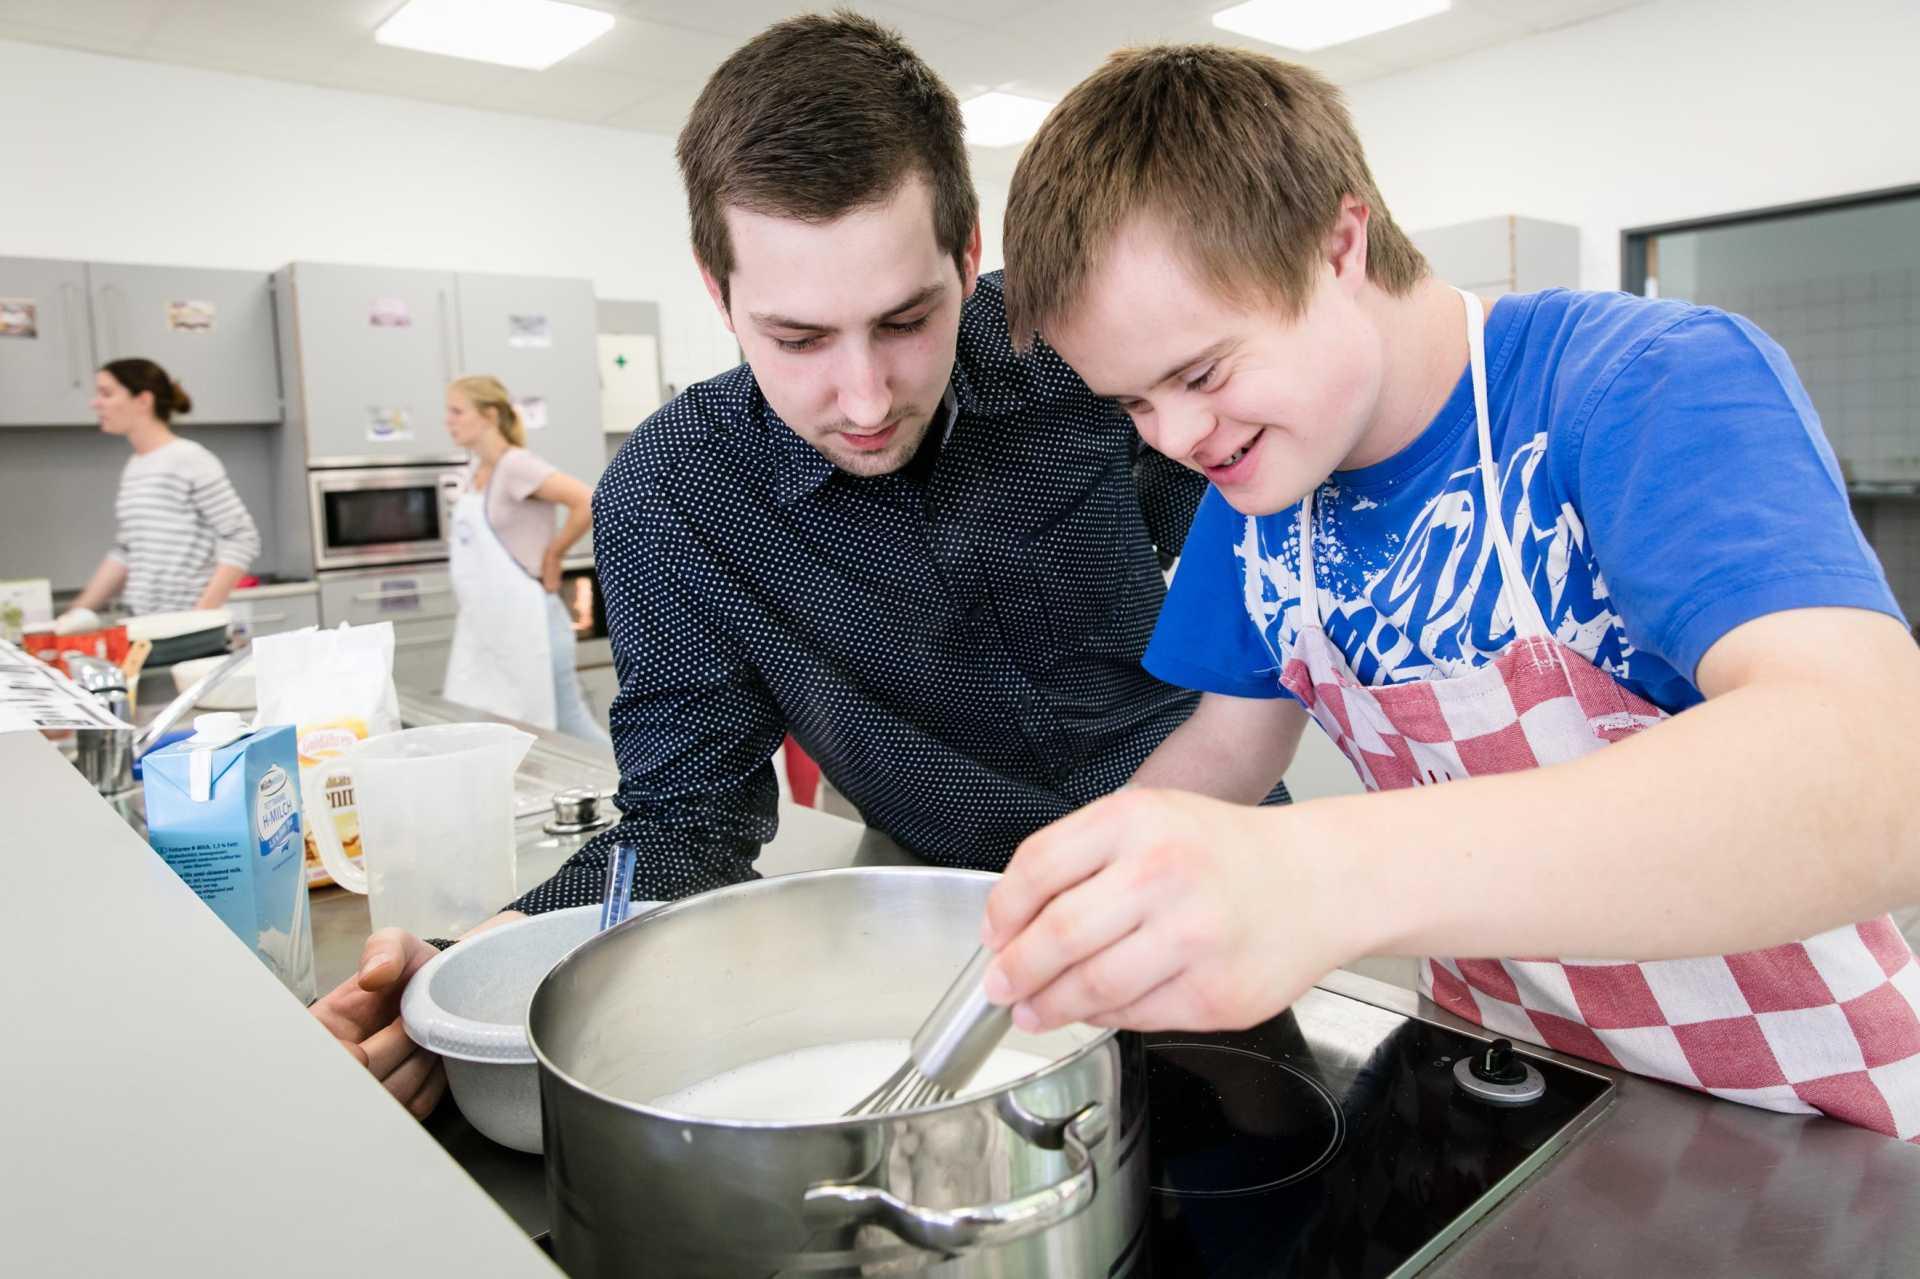 Neue Lehrküche für die Schüler der Maximilian-Kolbe-Schule